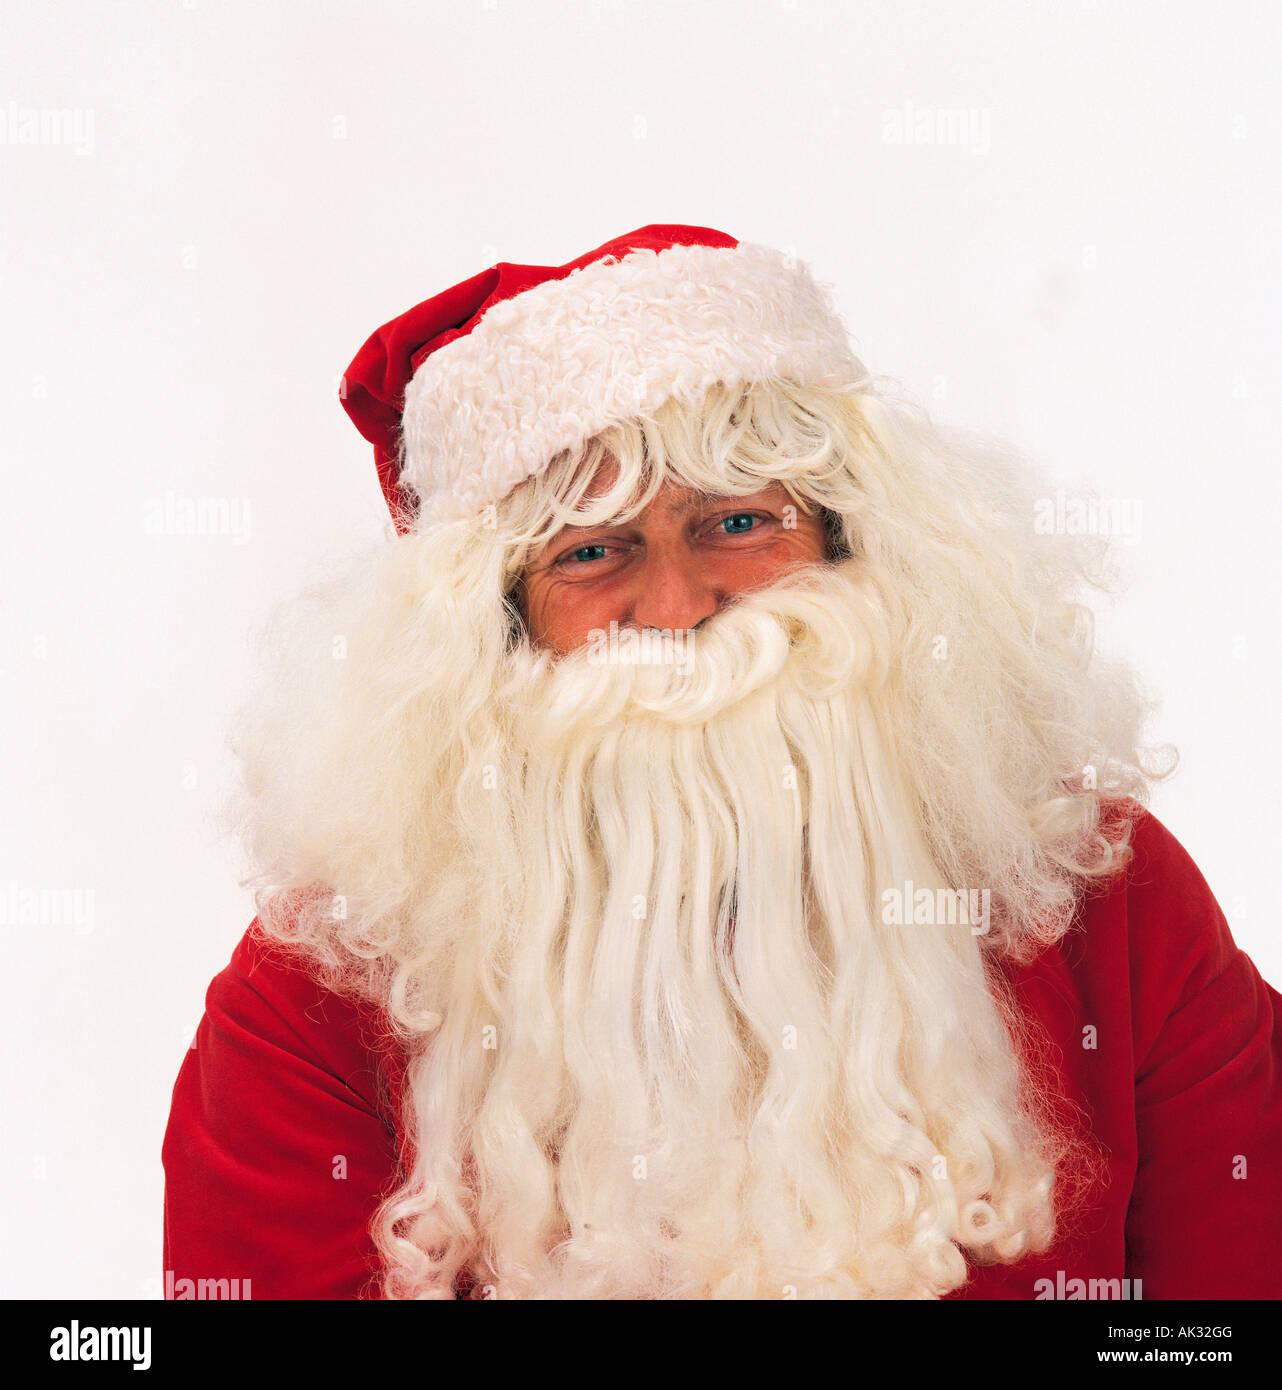 Close-up-Studio-Porträt des Weihnachtsmanns / Santa Claus. Stockbild